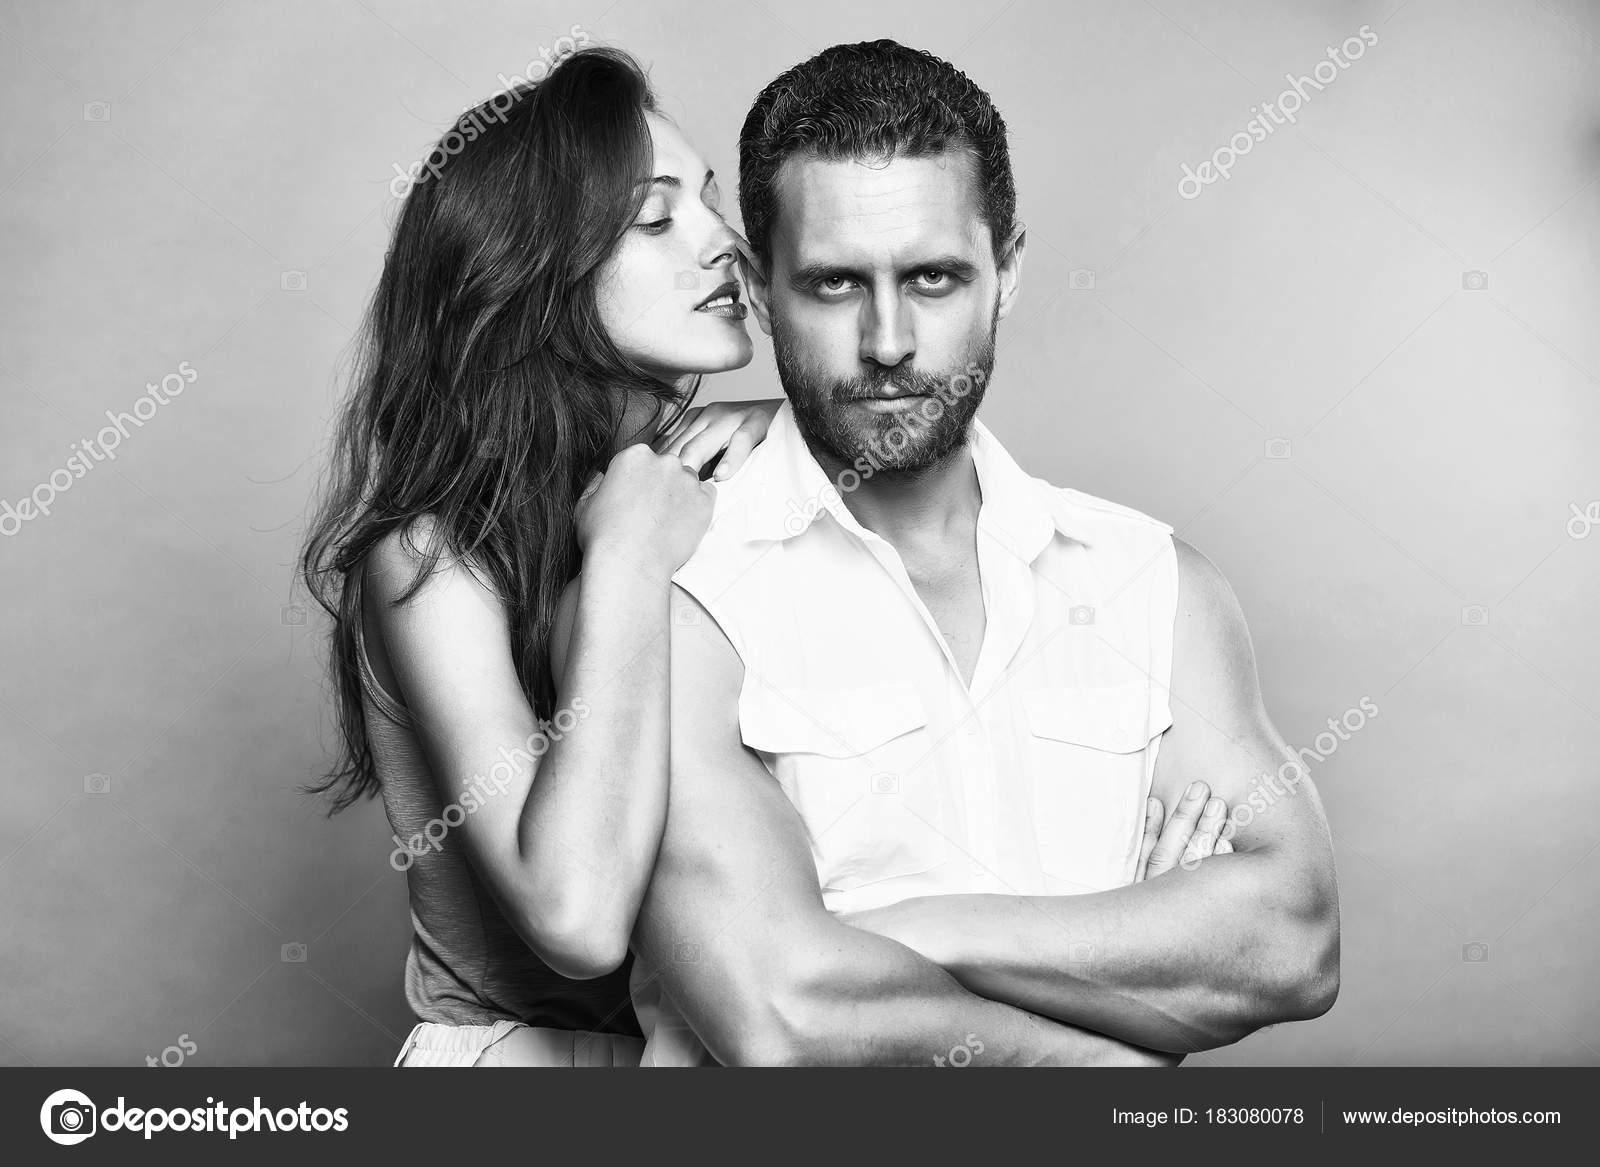 ... sexy del barbuto uomo muscolare bello con la barba e bella donna o  ragazza con capelli lunghi del brunette che si abbracciano in studio su  sfondo grigio ... bbf54fbeabca